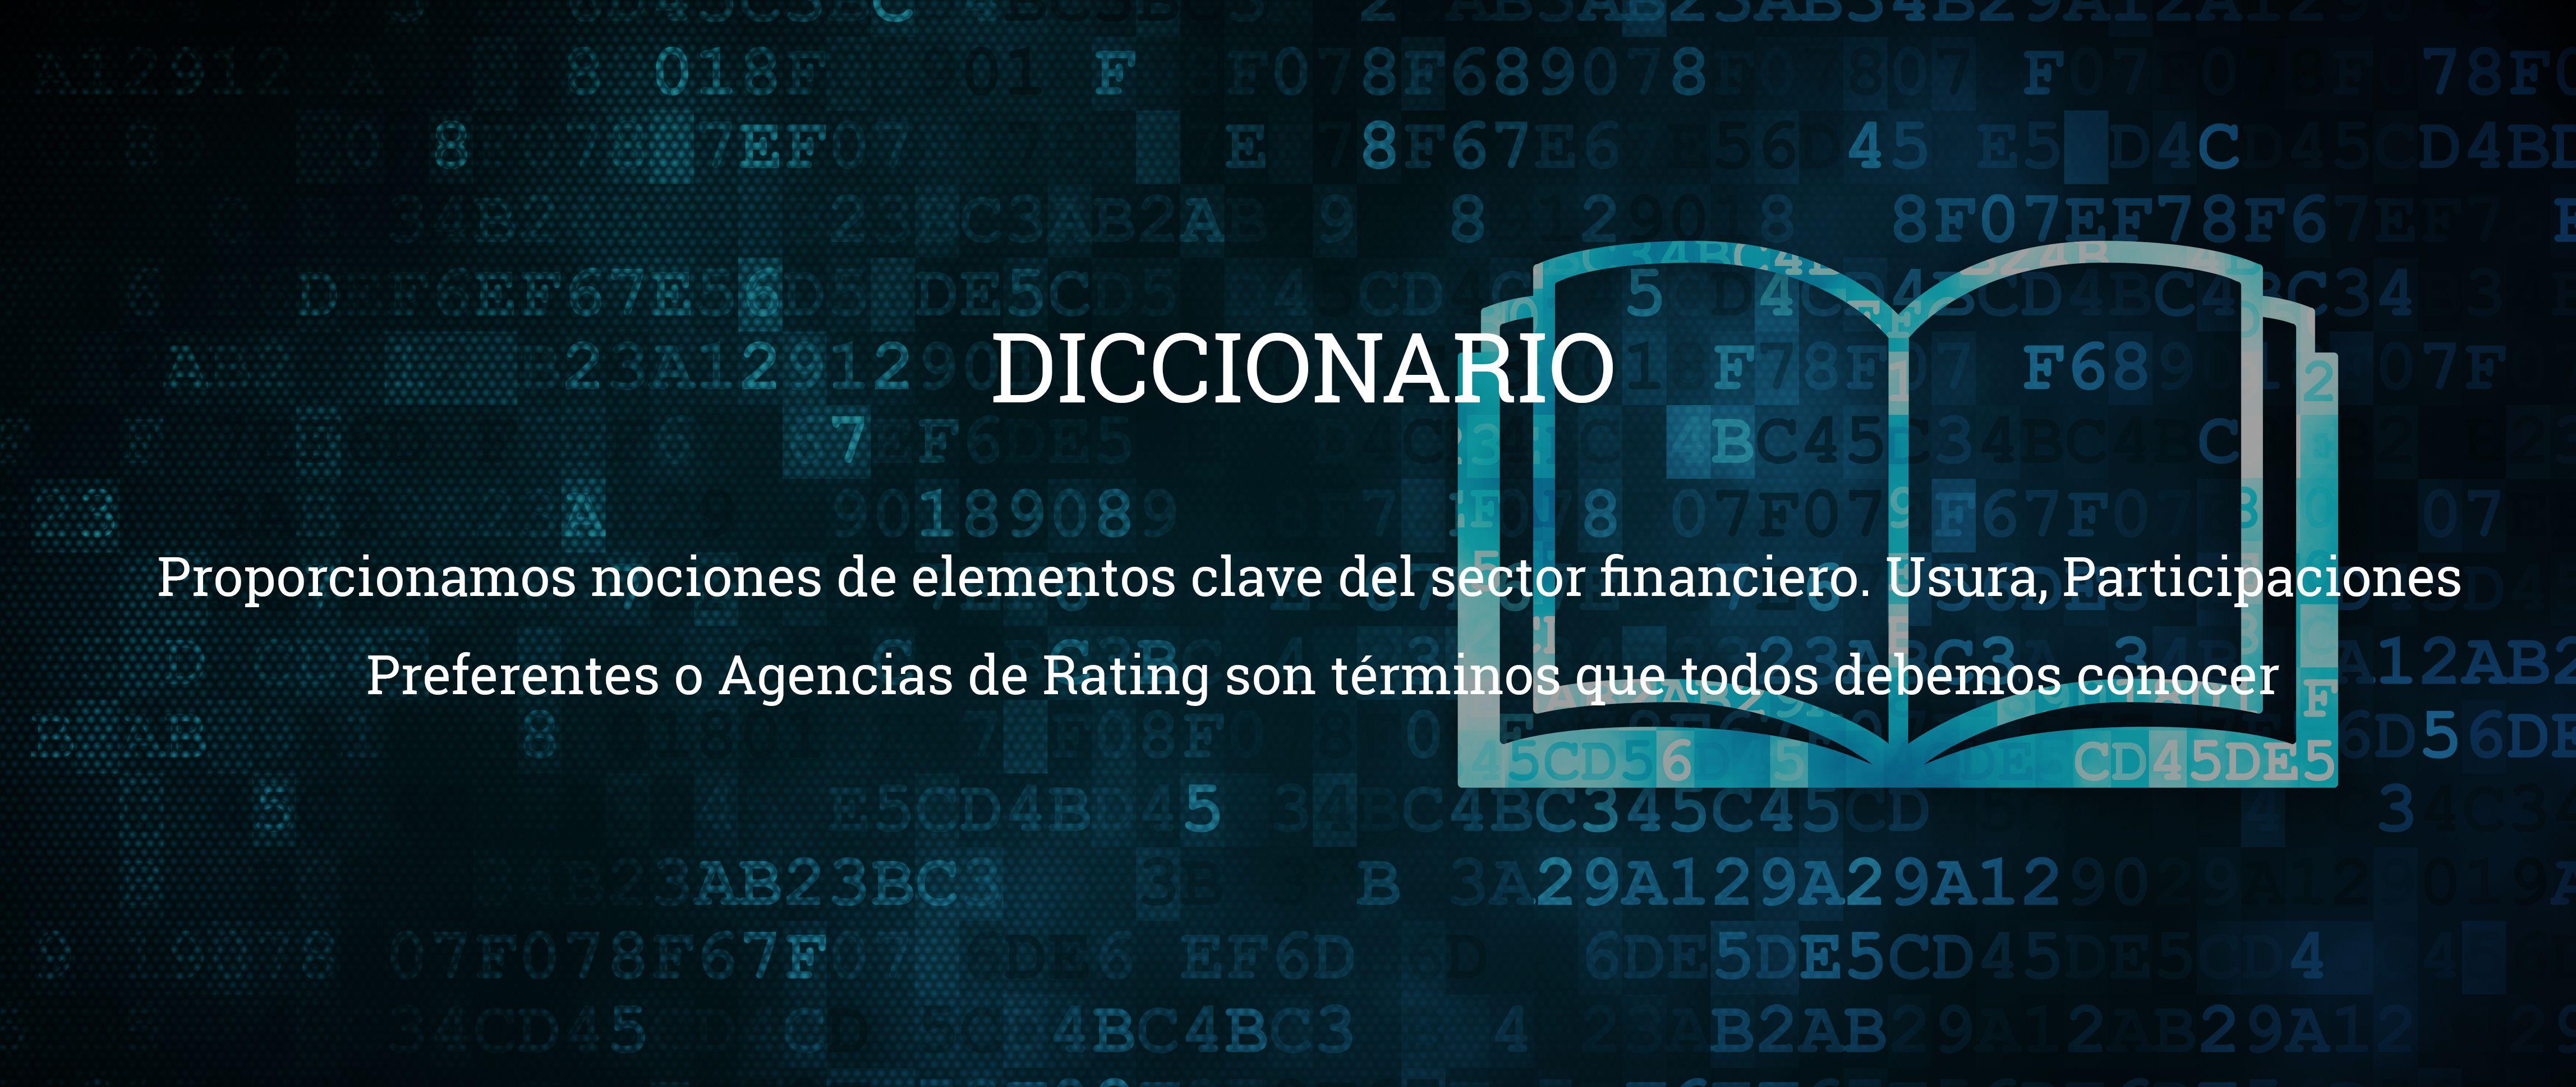 diccionario Diccionario